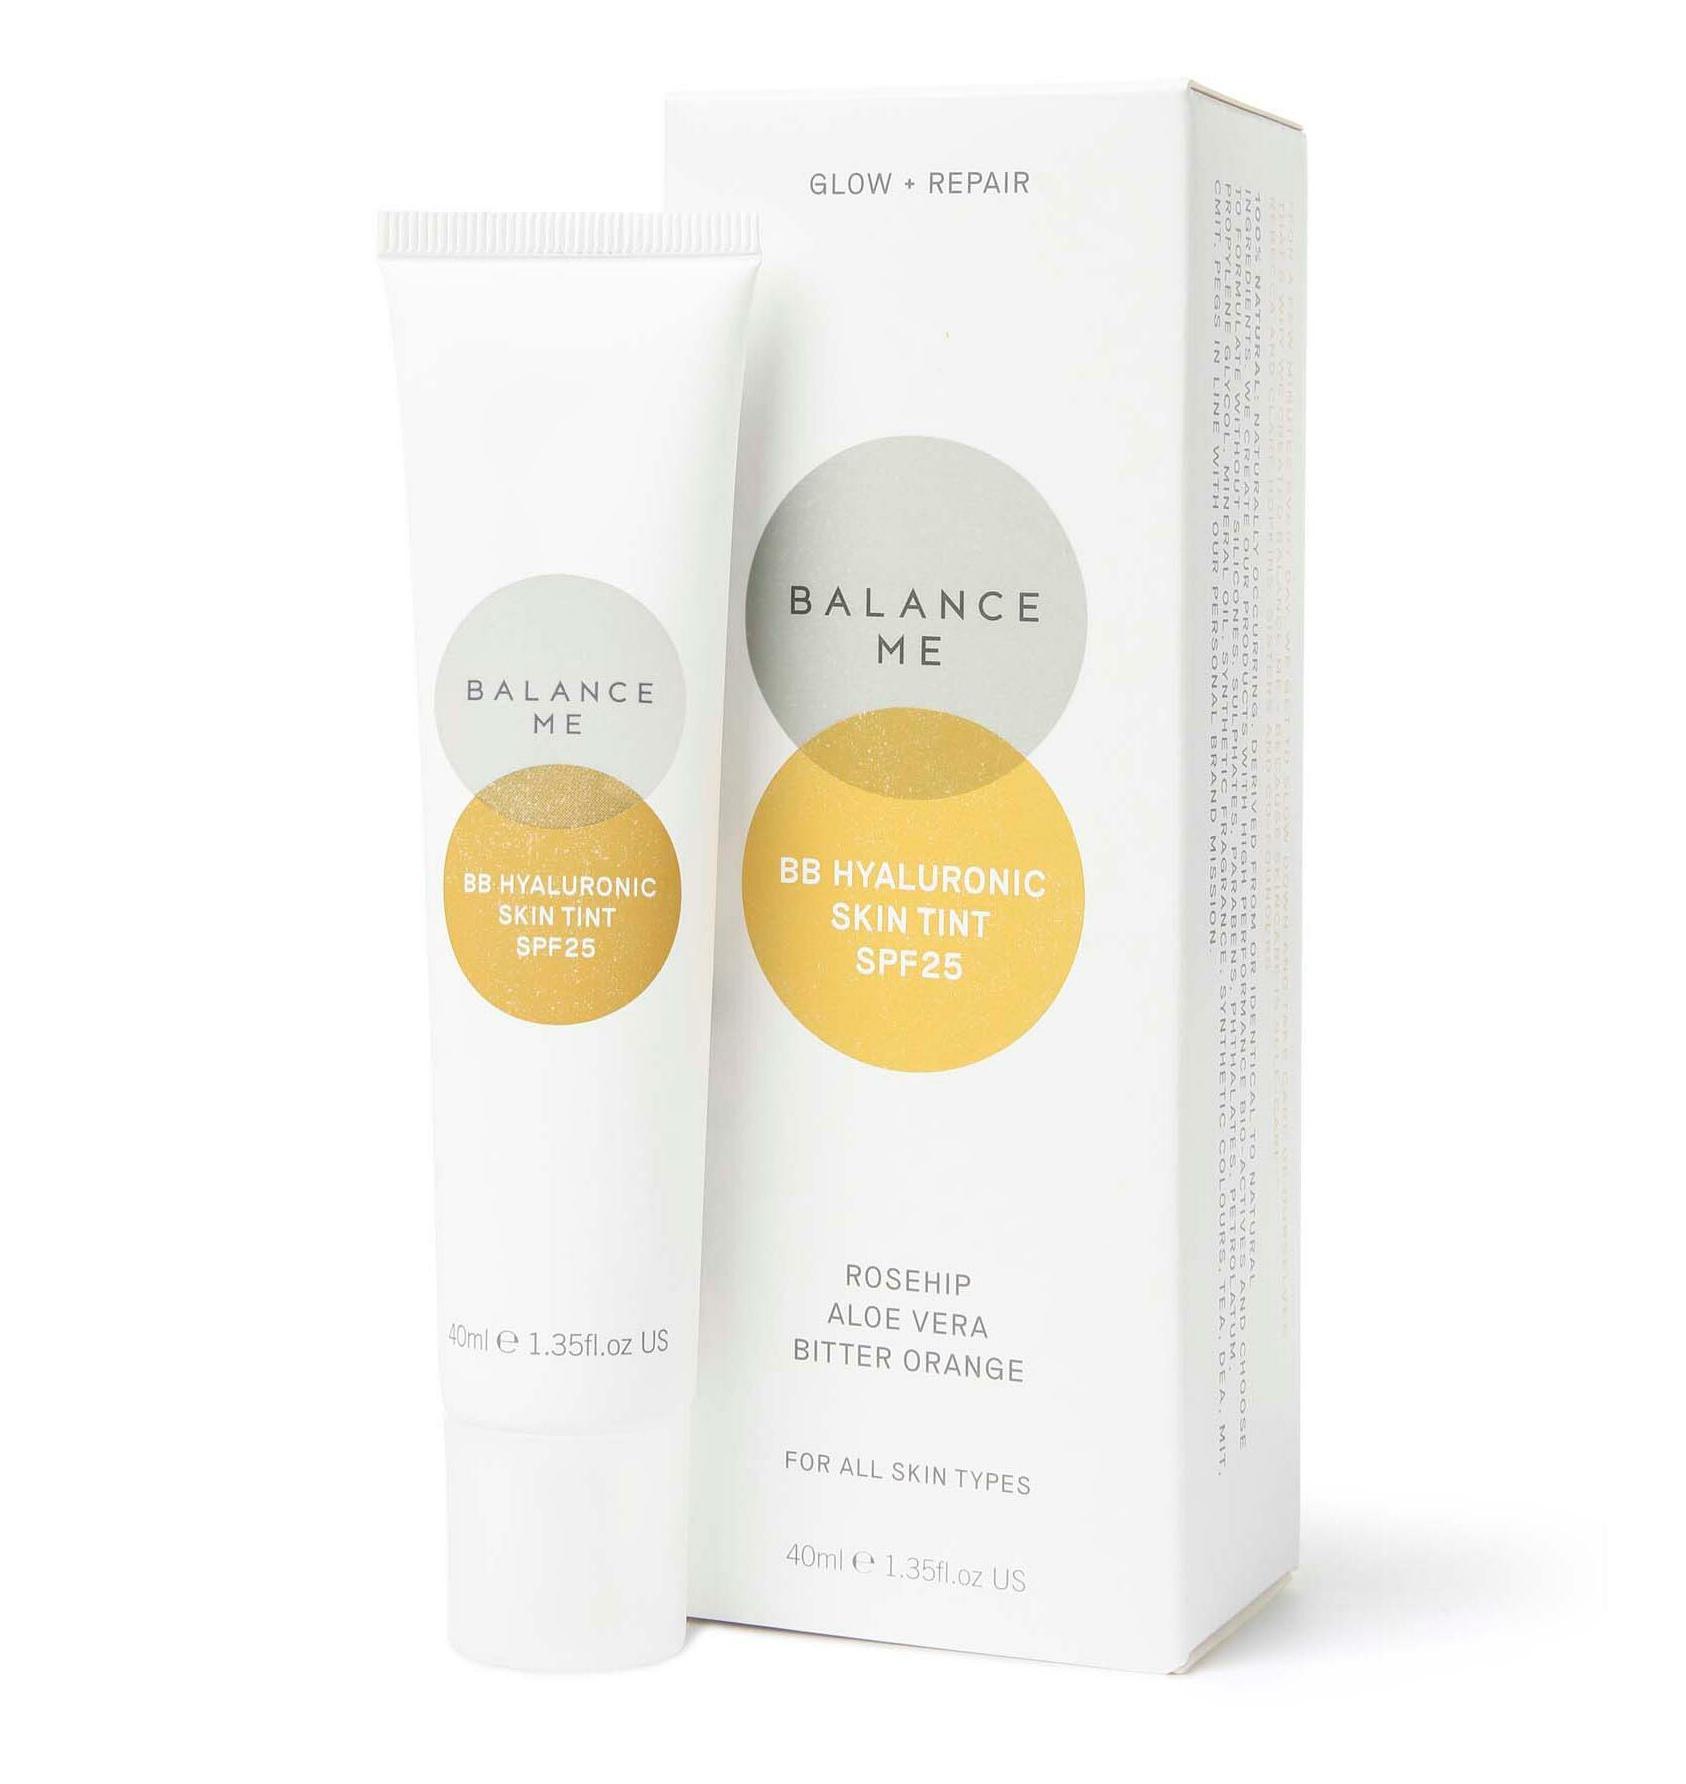 Balance Me BB Hyaluronic Skin Tint SPF25